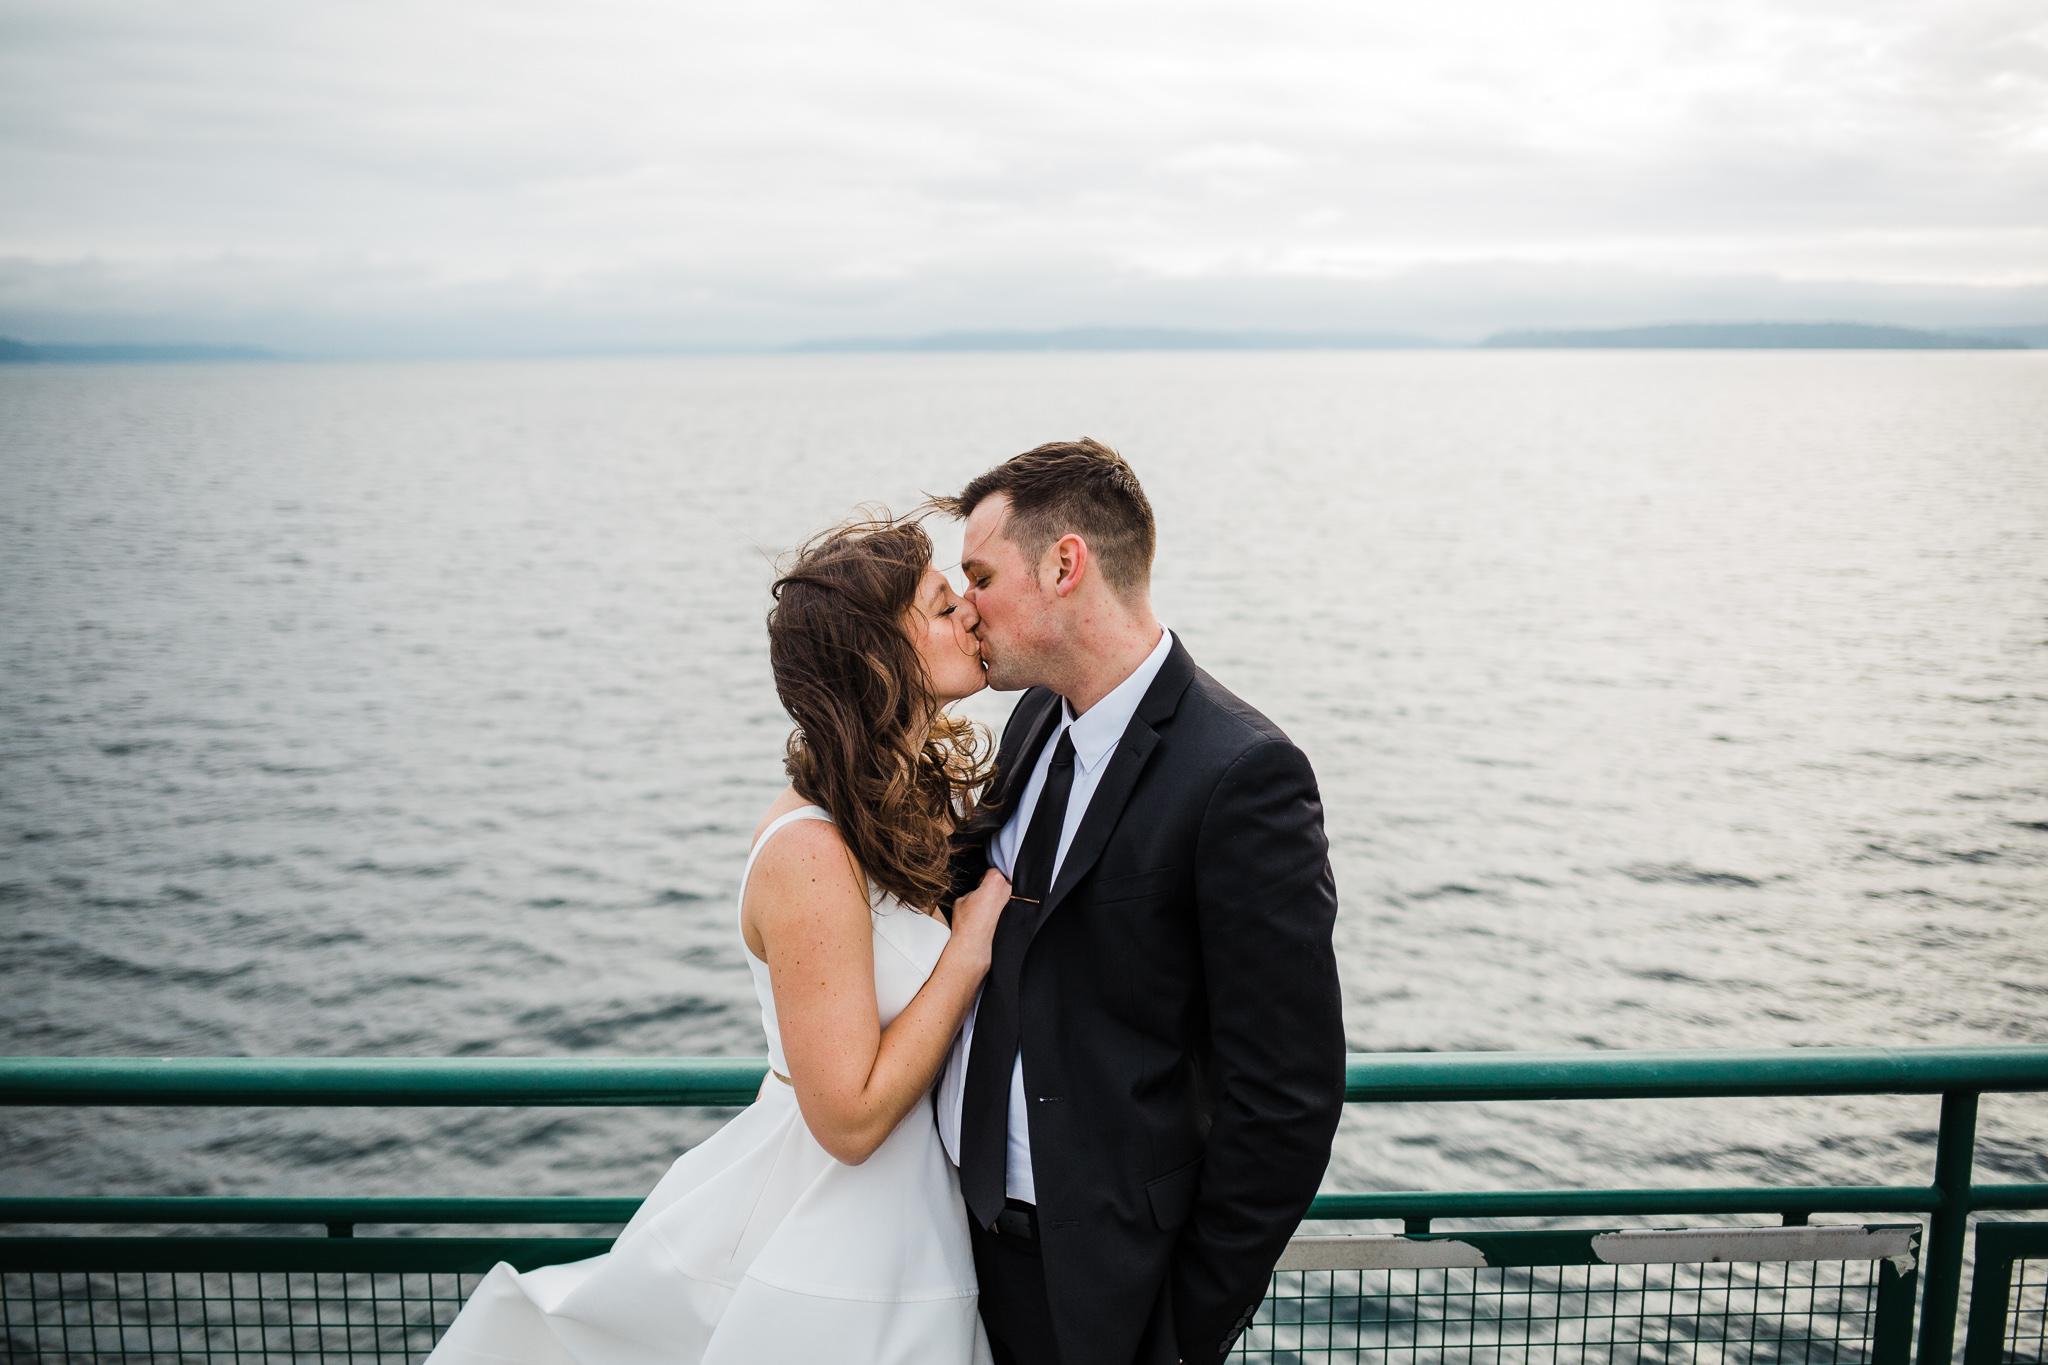 Courtney + Cameron | WA State Ferry Wedding